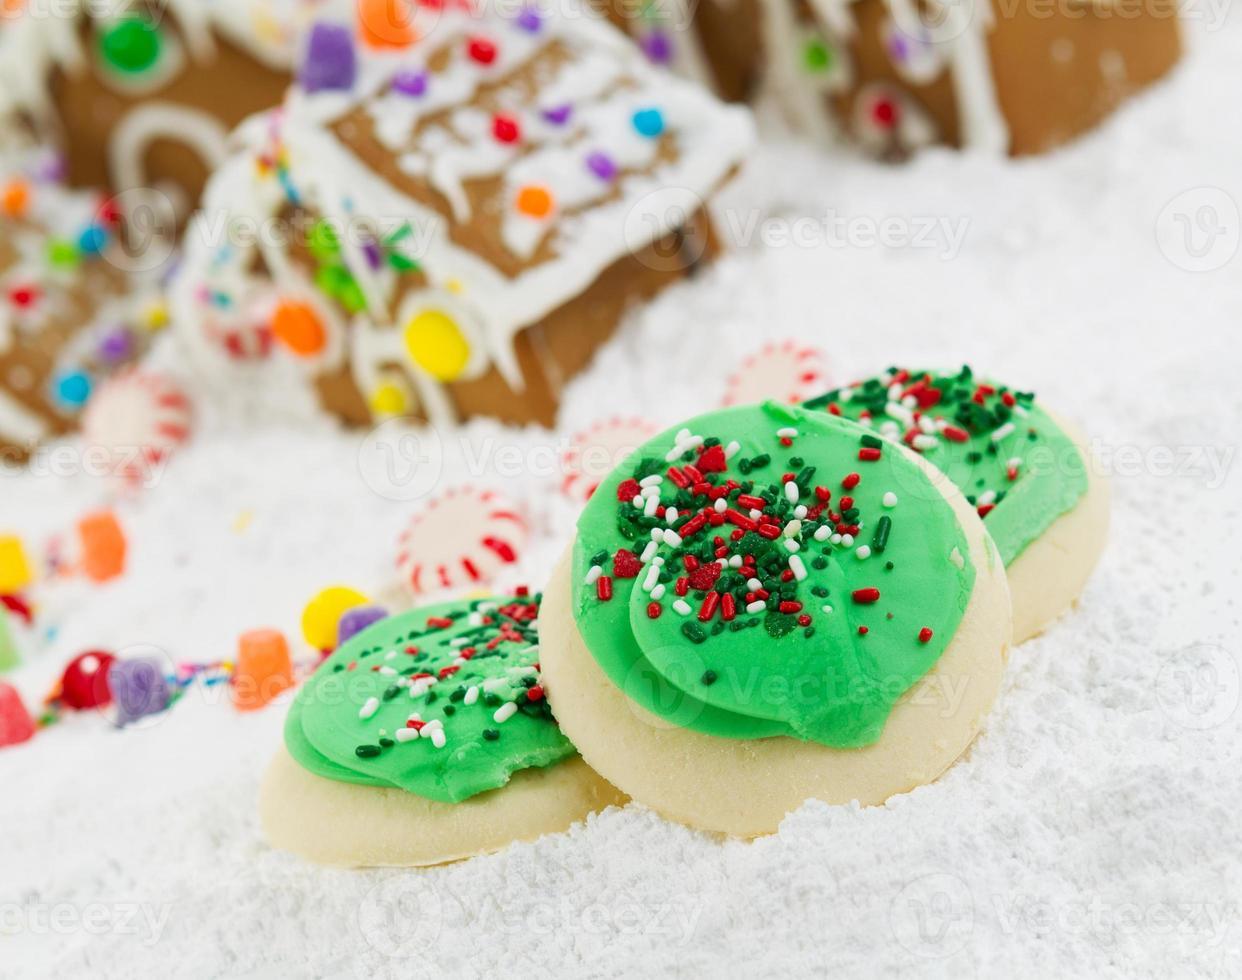 biscotti festivi glassati per la stagione della gioia foto